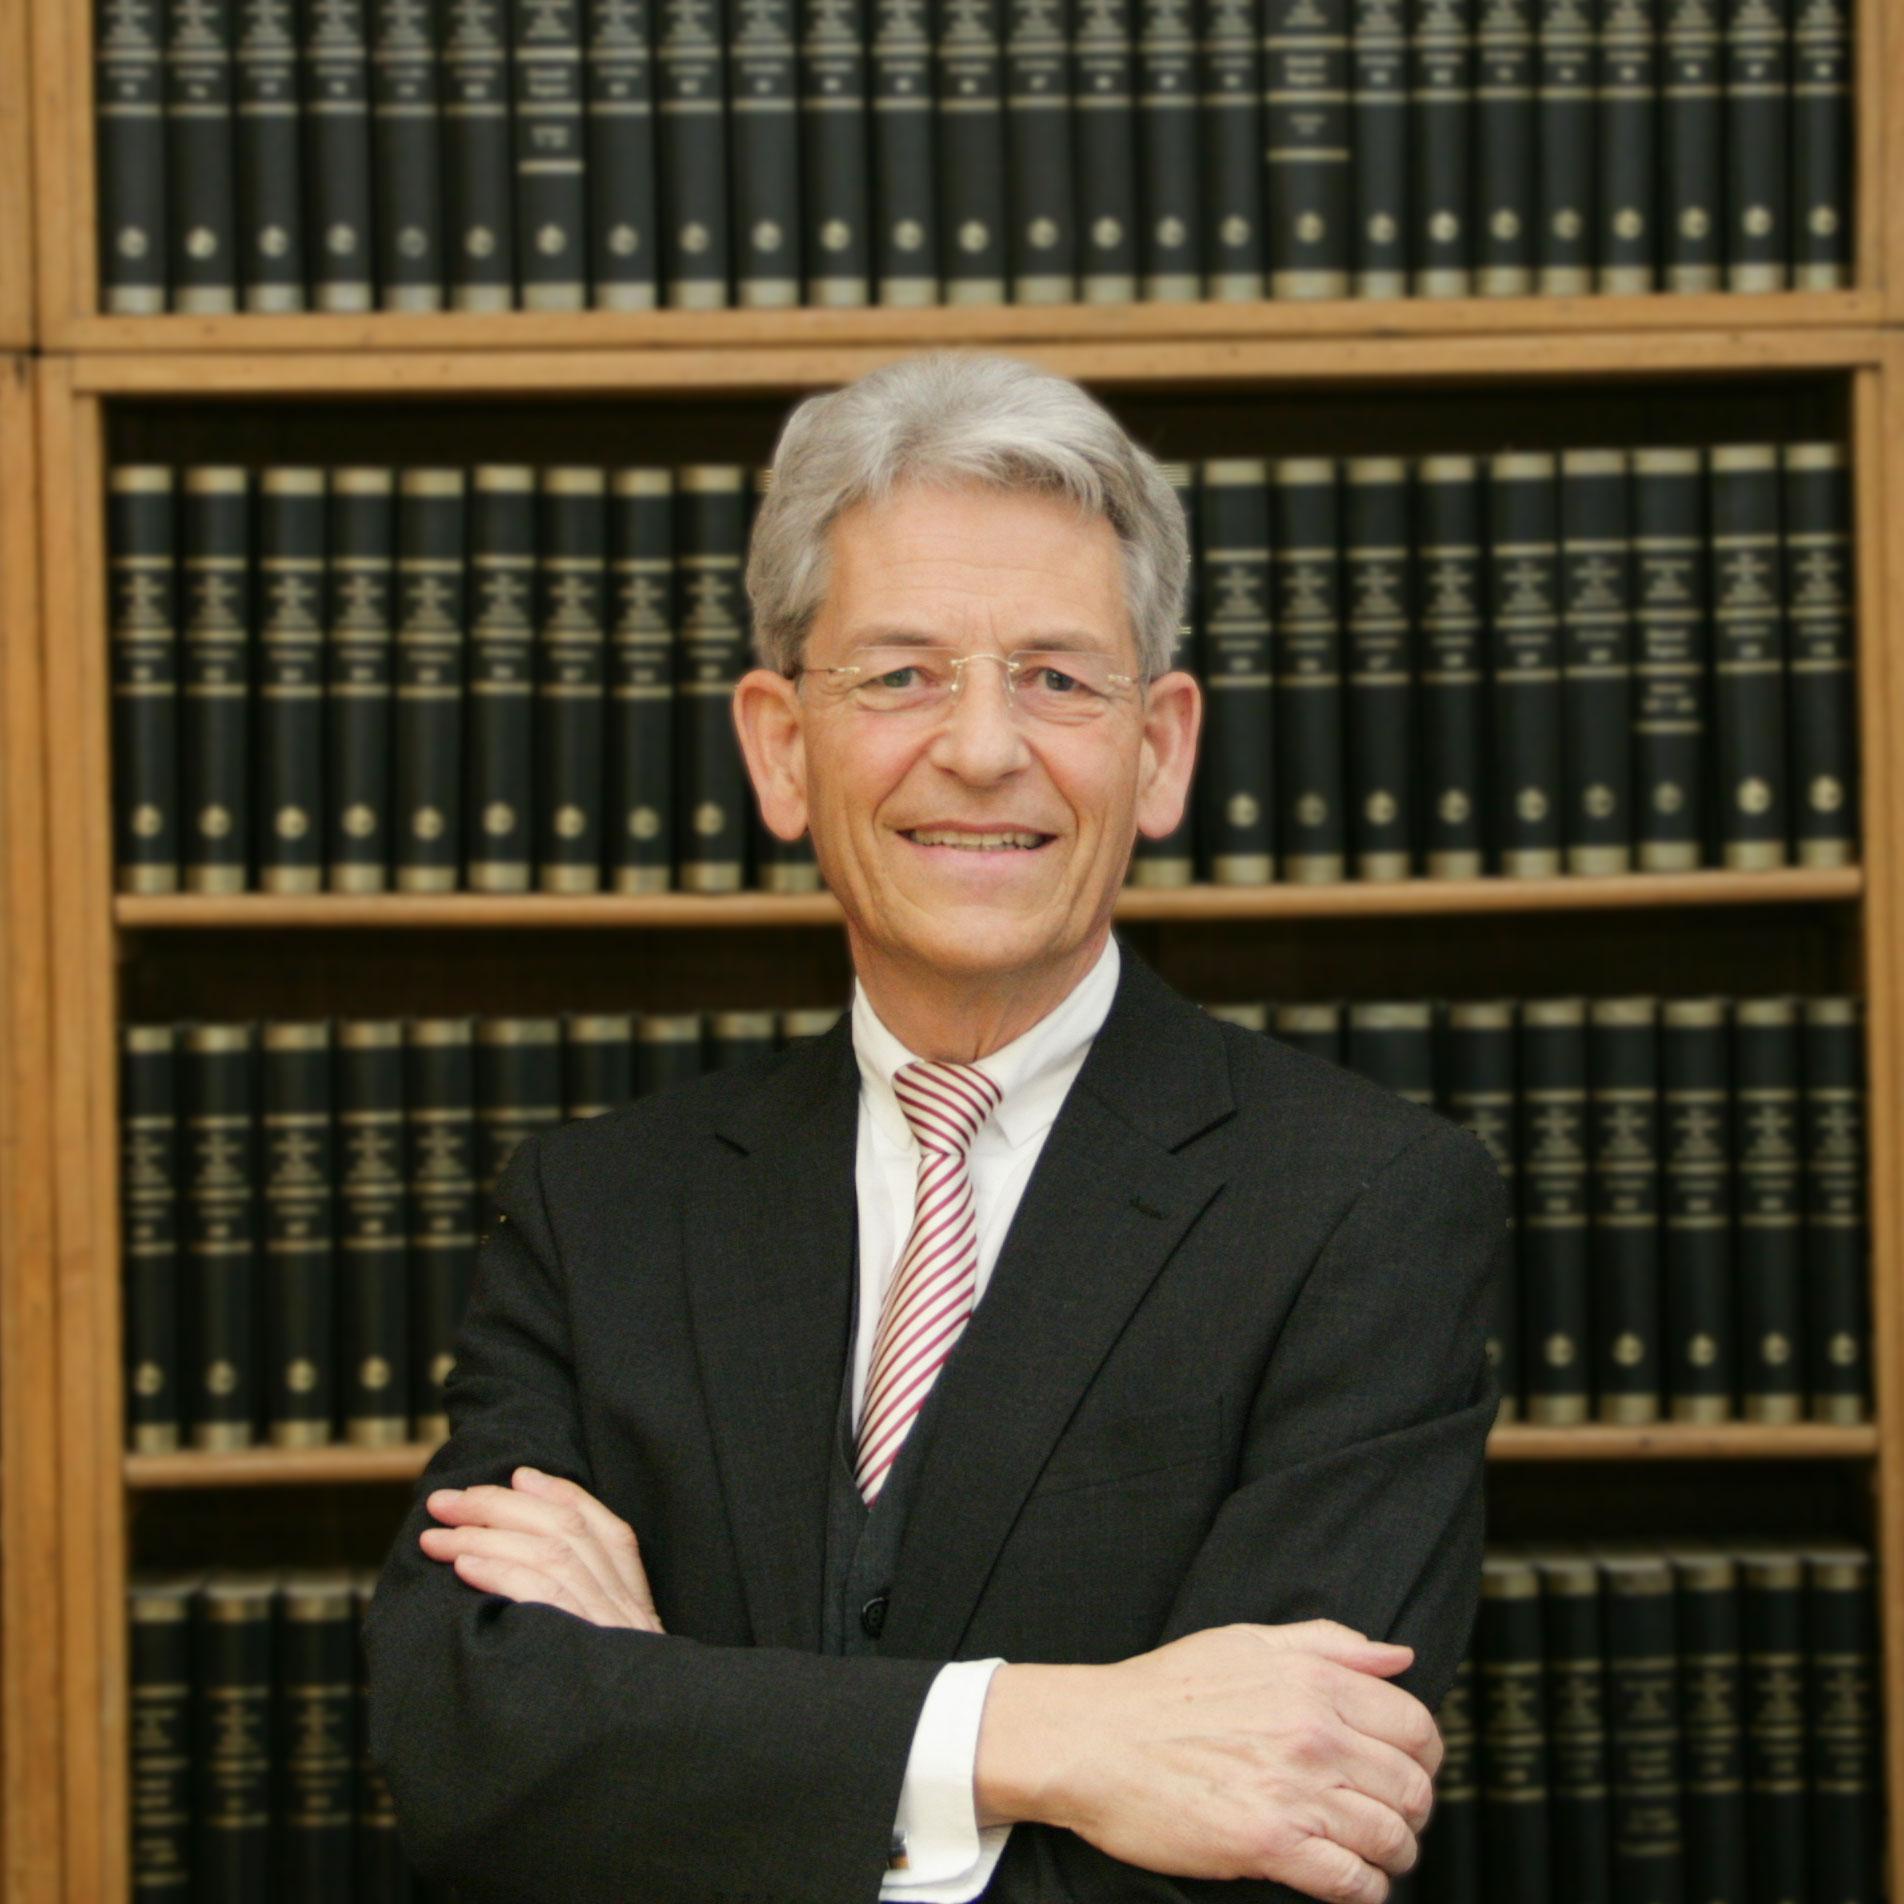 Rechtsanwalt Dr. Burkard Hohmann